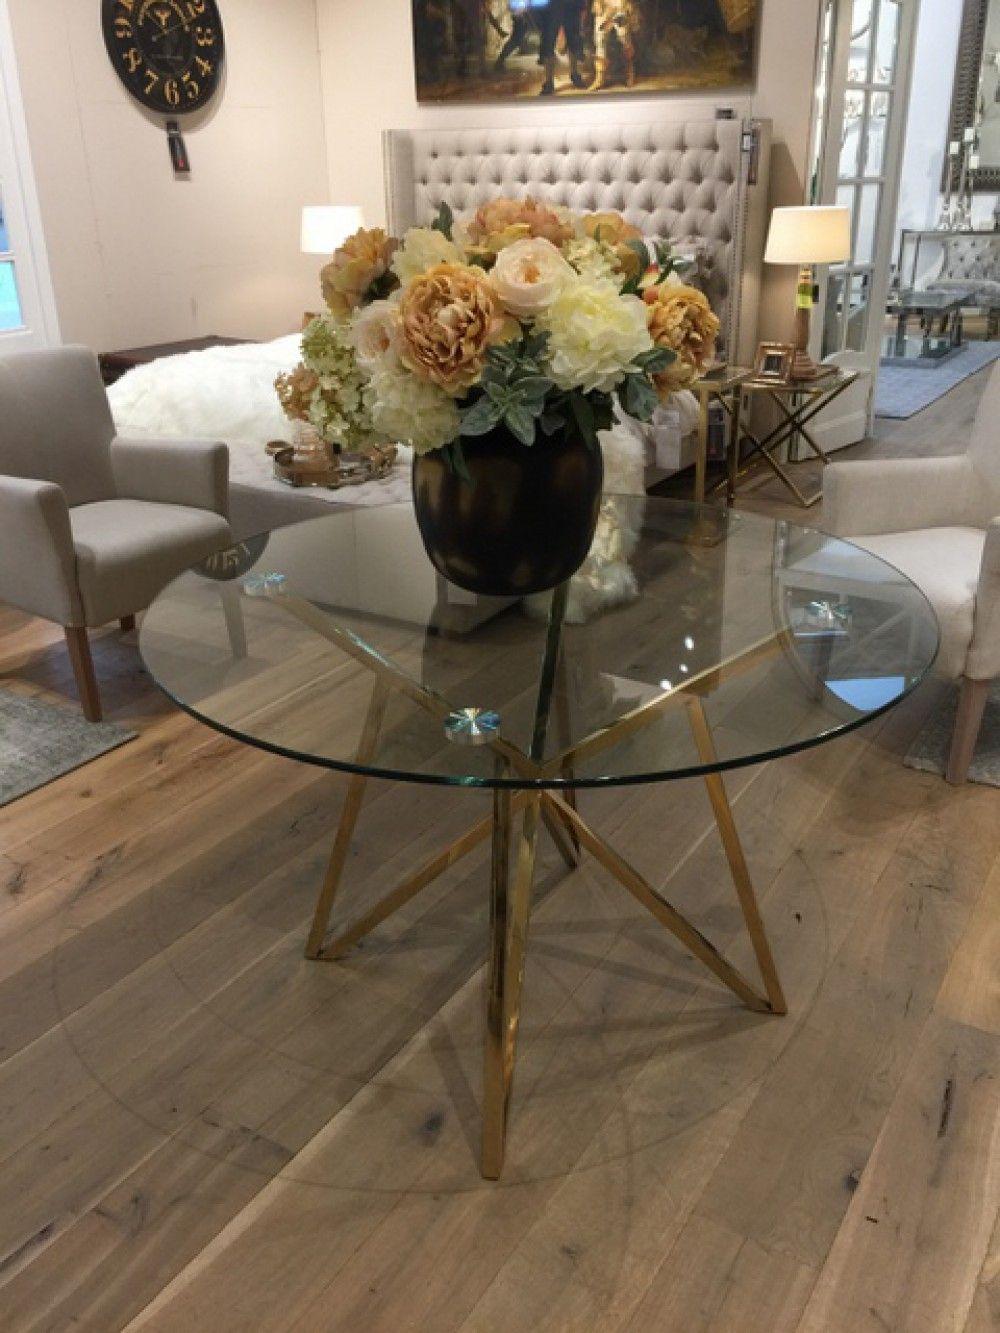 Einzigartig Runder Esstisch Glas Home Decor Decor Table